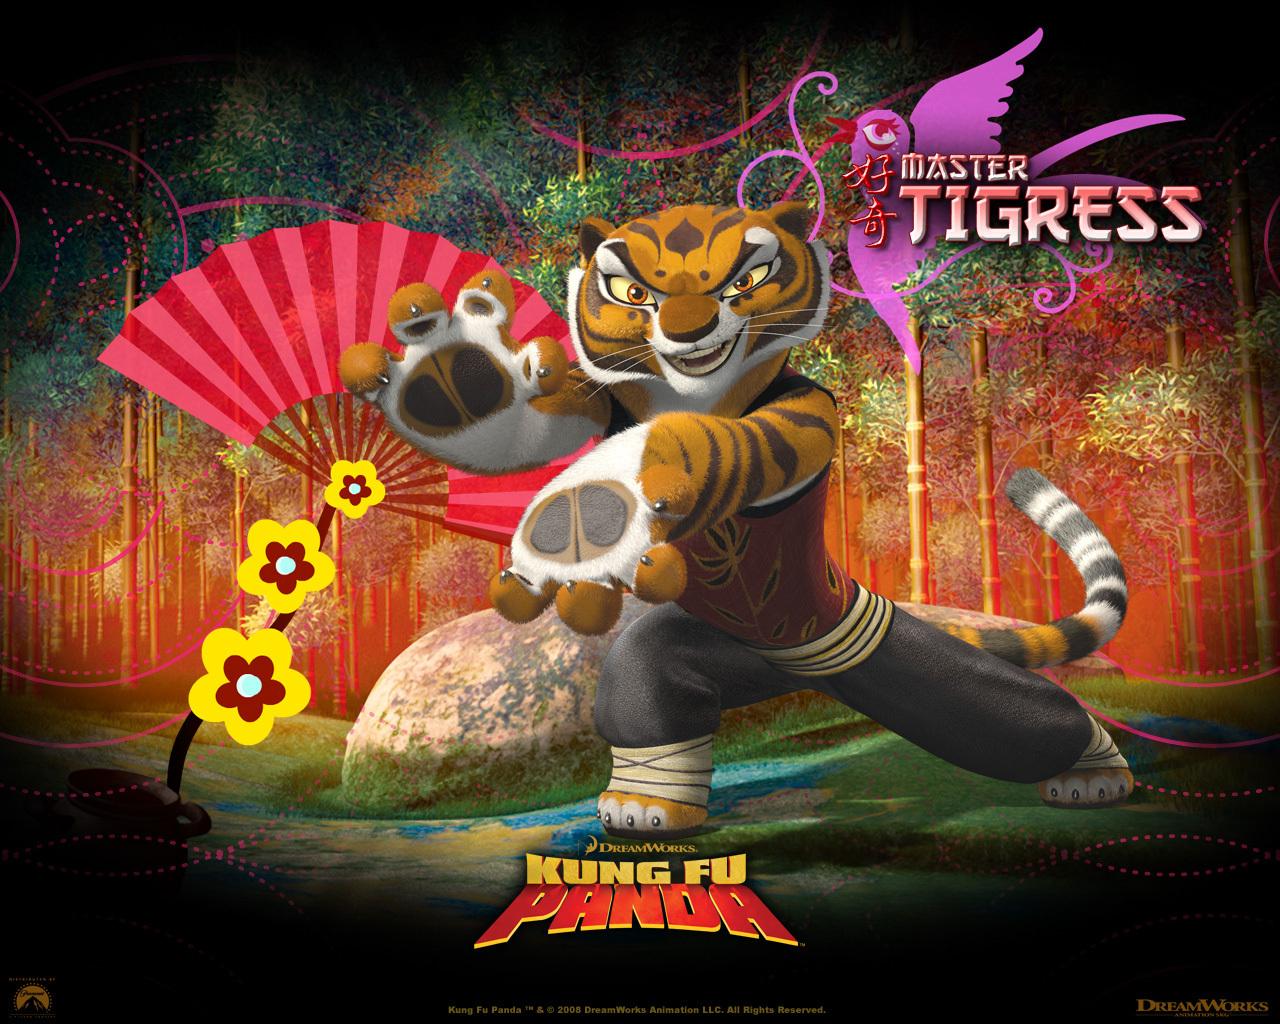 kung fu panda images tigress hd wallpaper and background photos